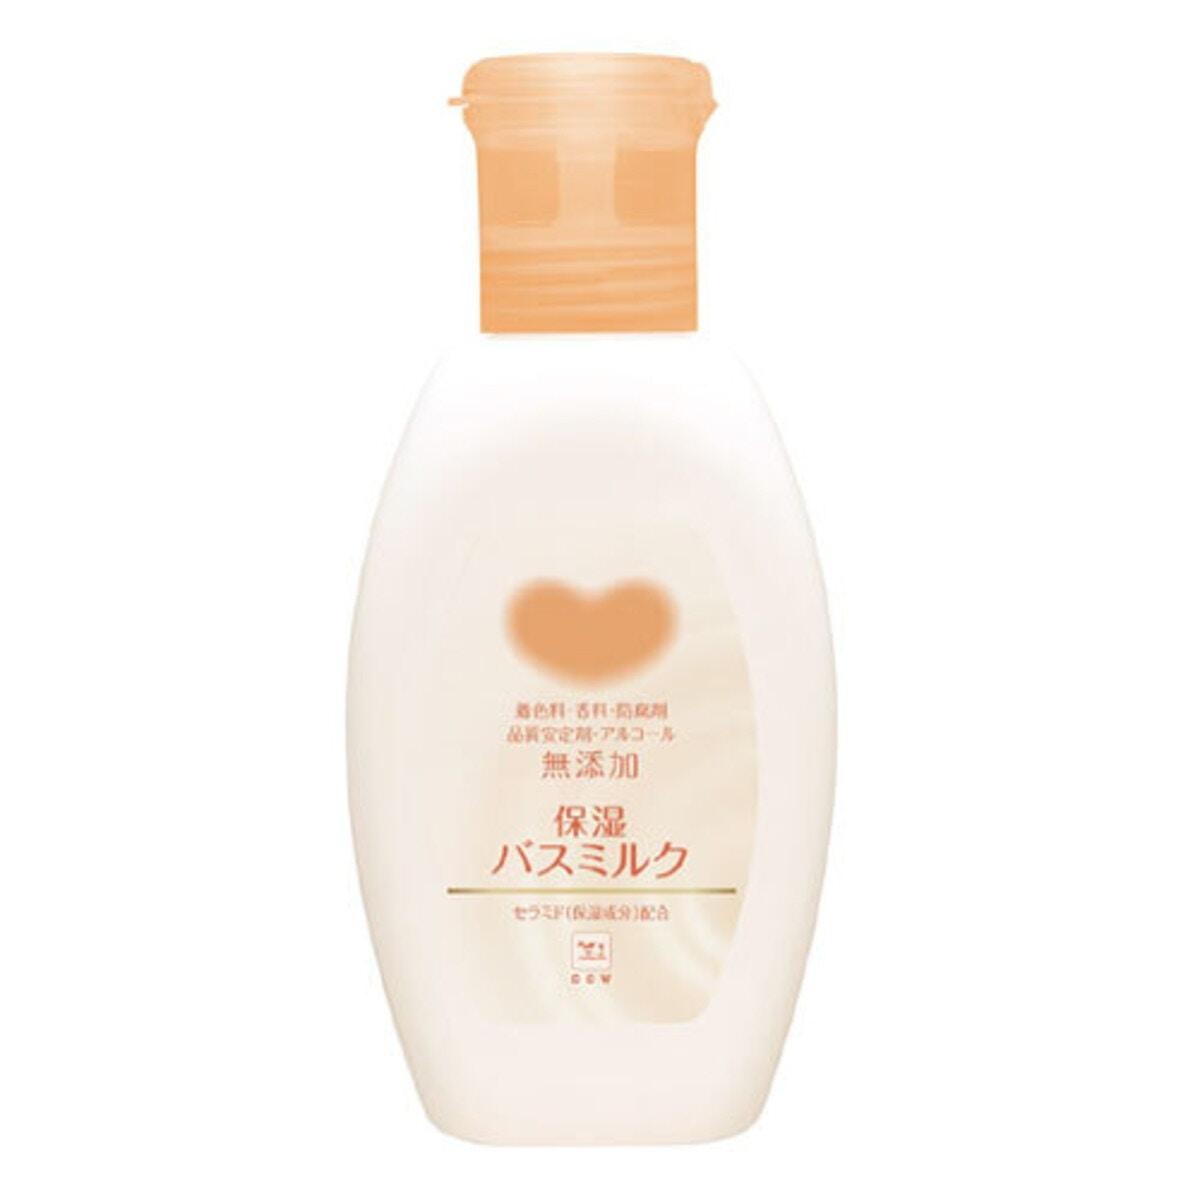 牛乳石鹸(せっけん) カウブランド 無添加保湿 バスミルク 560ml